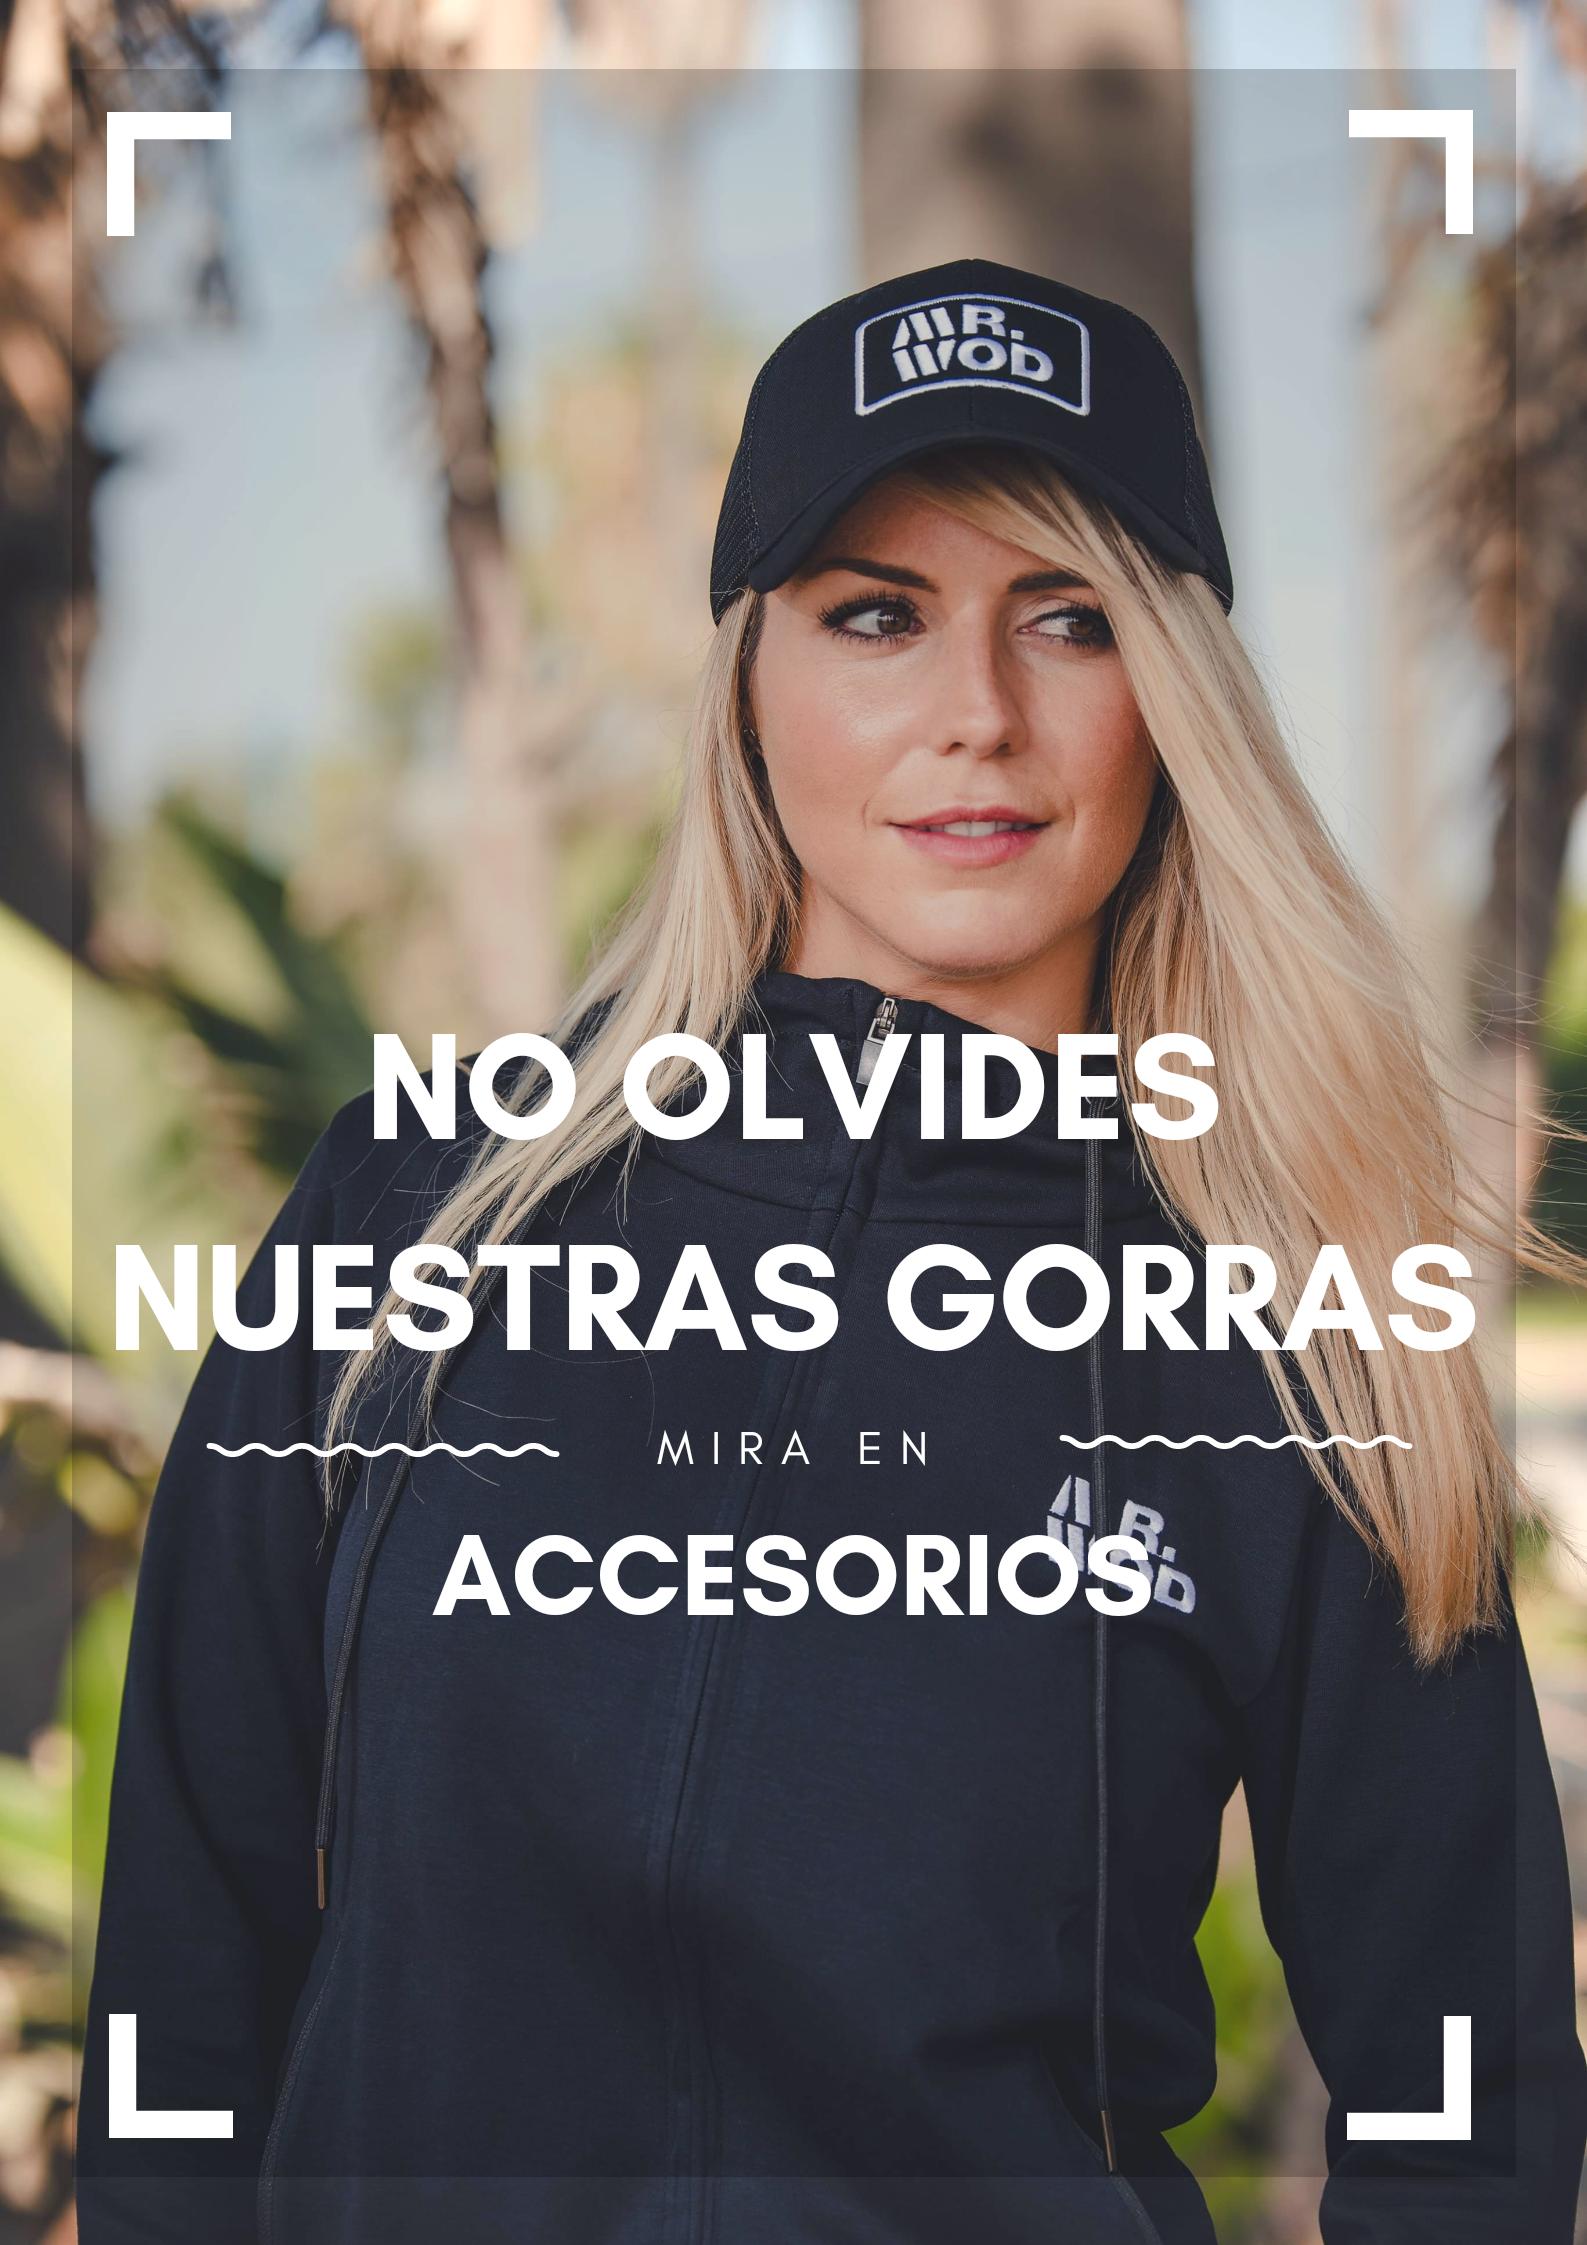 Gorras - MrWOD